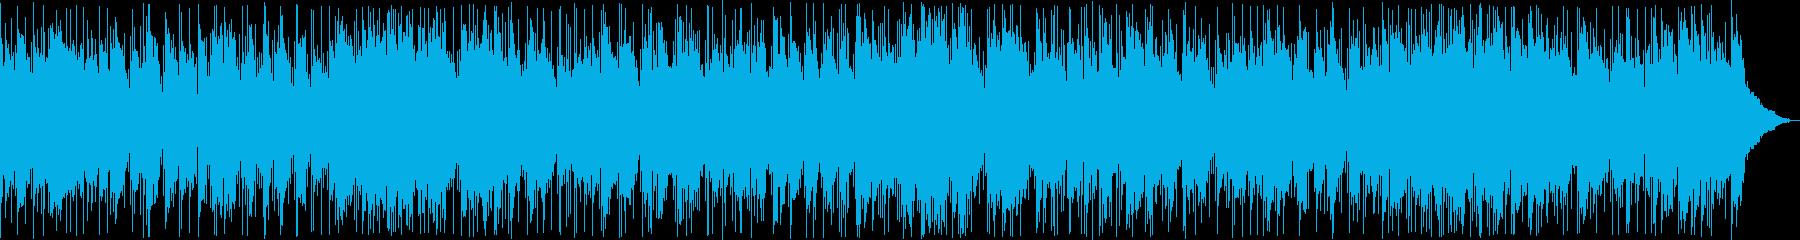 穏やかなシンセ・ギターサウンドの再生済みの波形